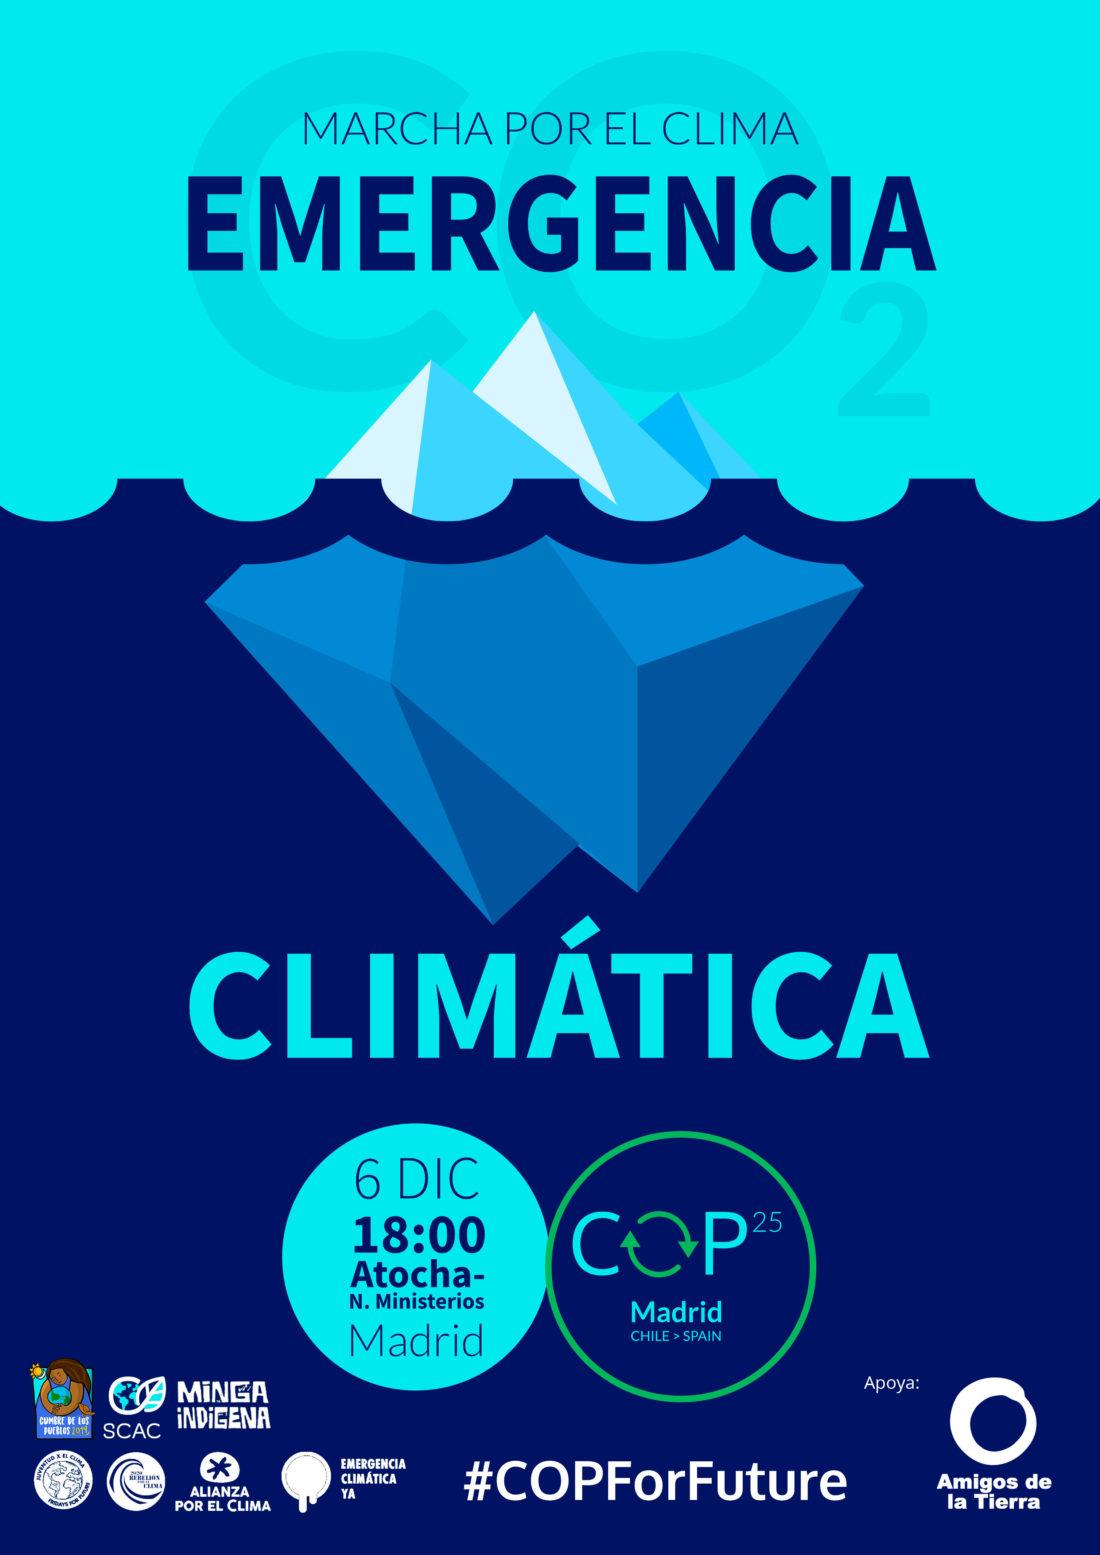 Movilización ecologista sin precedentes frente a la COP25